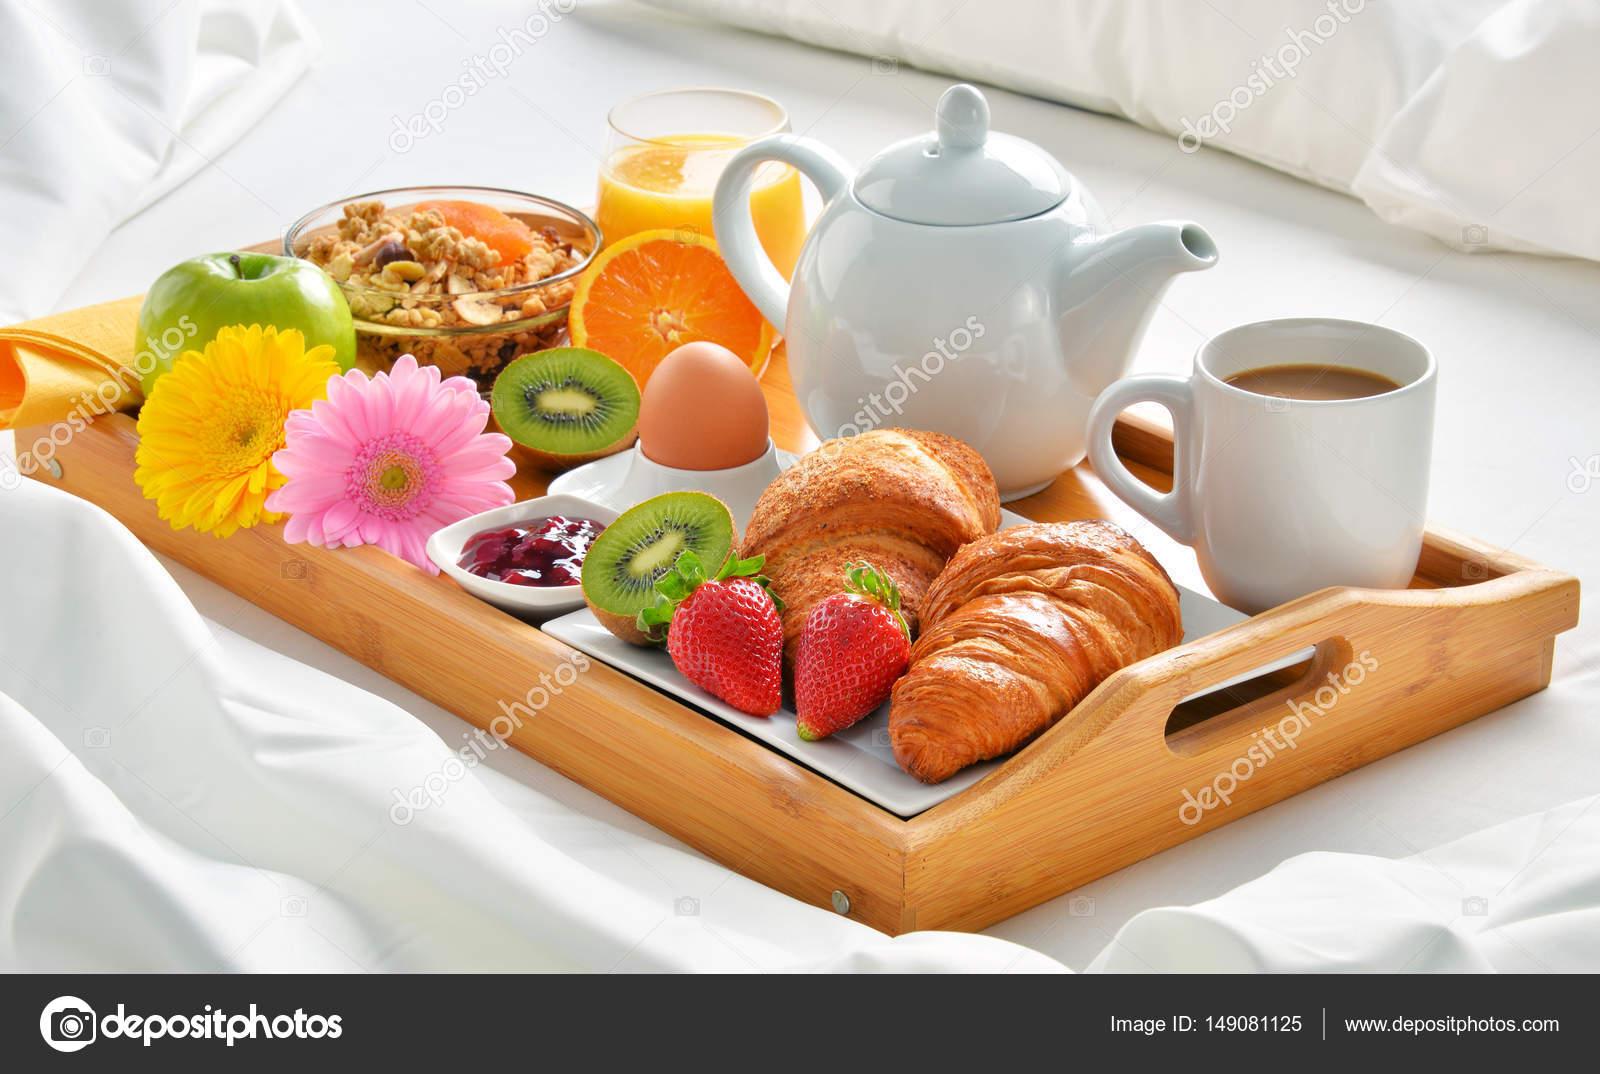 Vassoio della colazione a letto nella camera d 39 albergo - Vassoio per colazione a letto ...